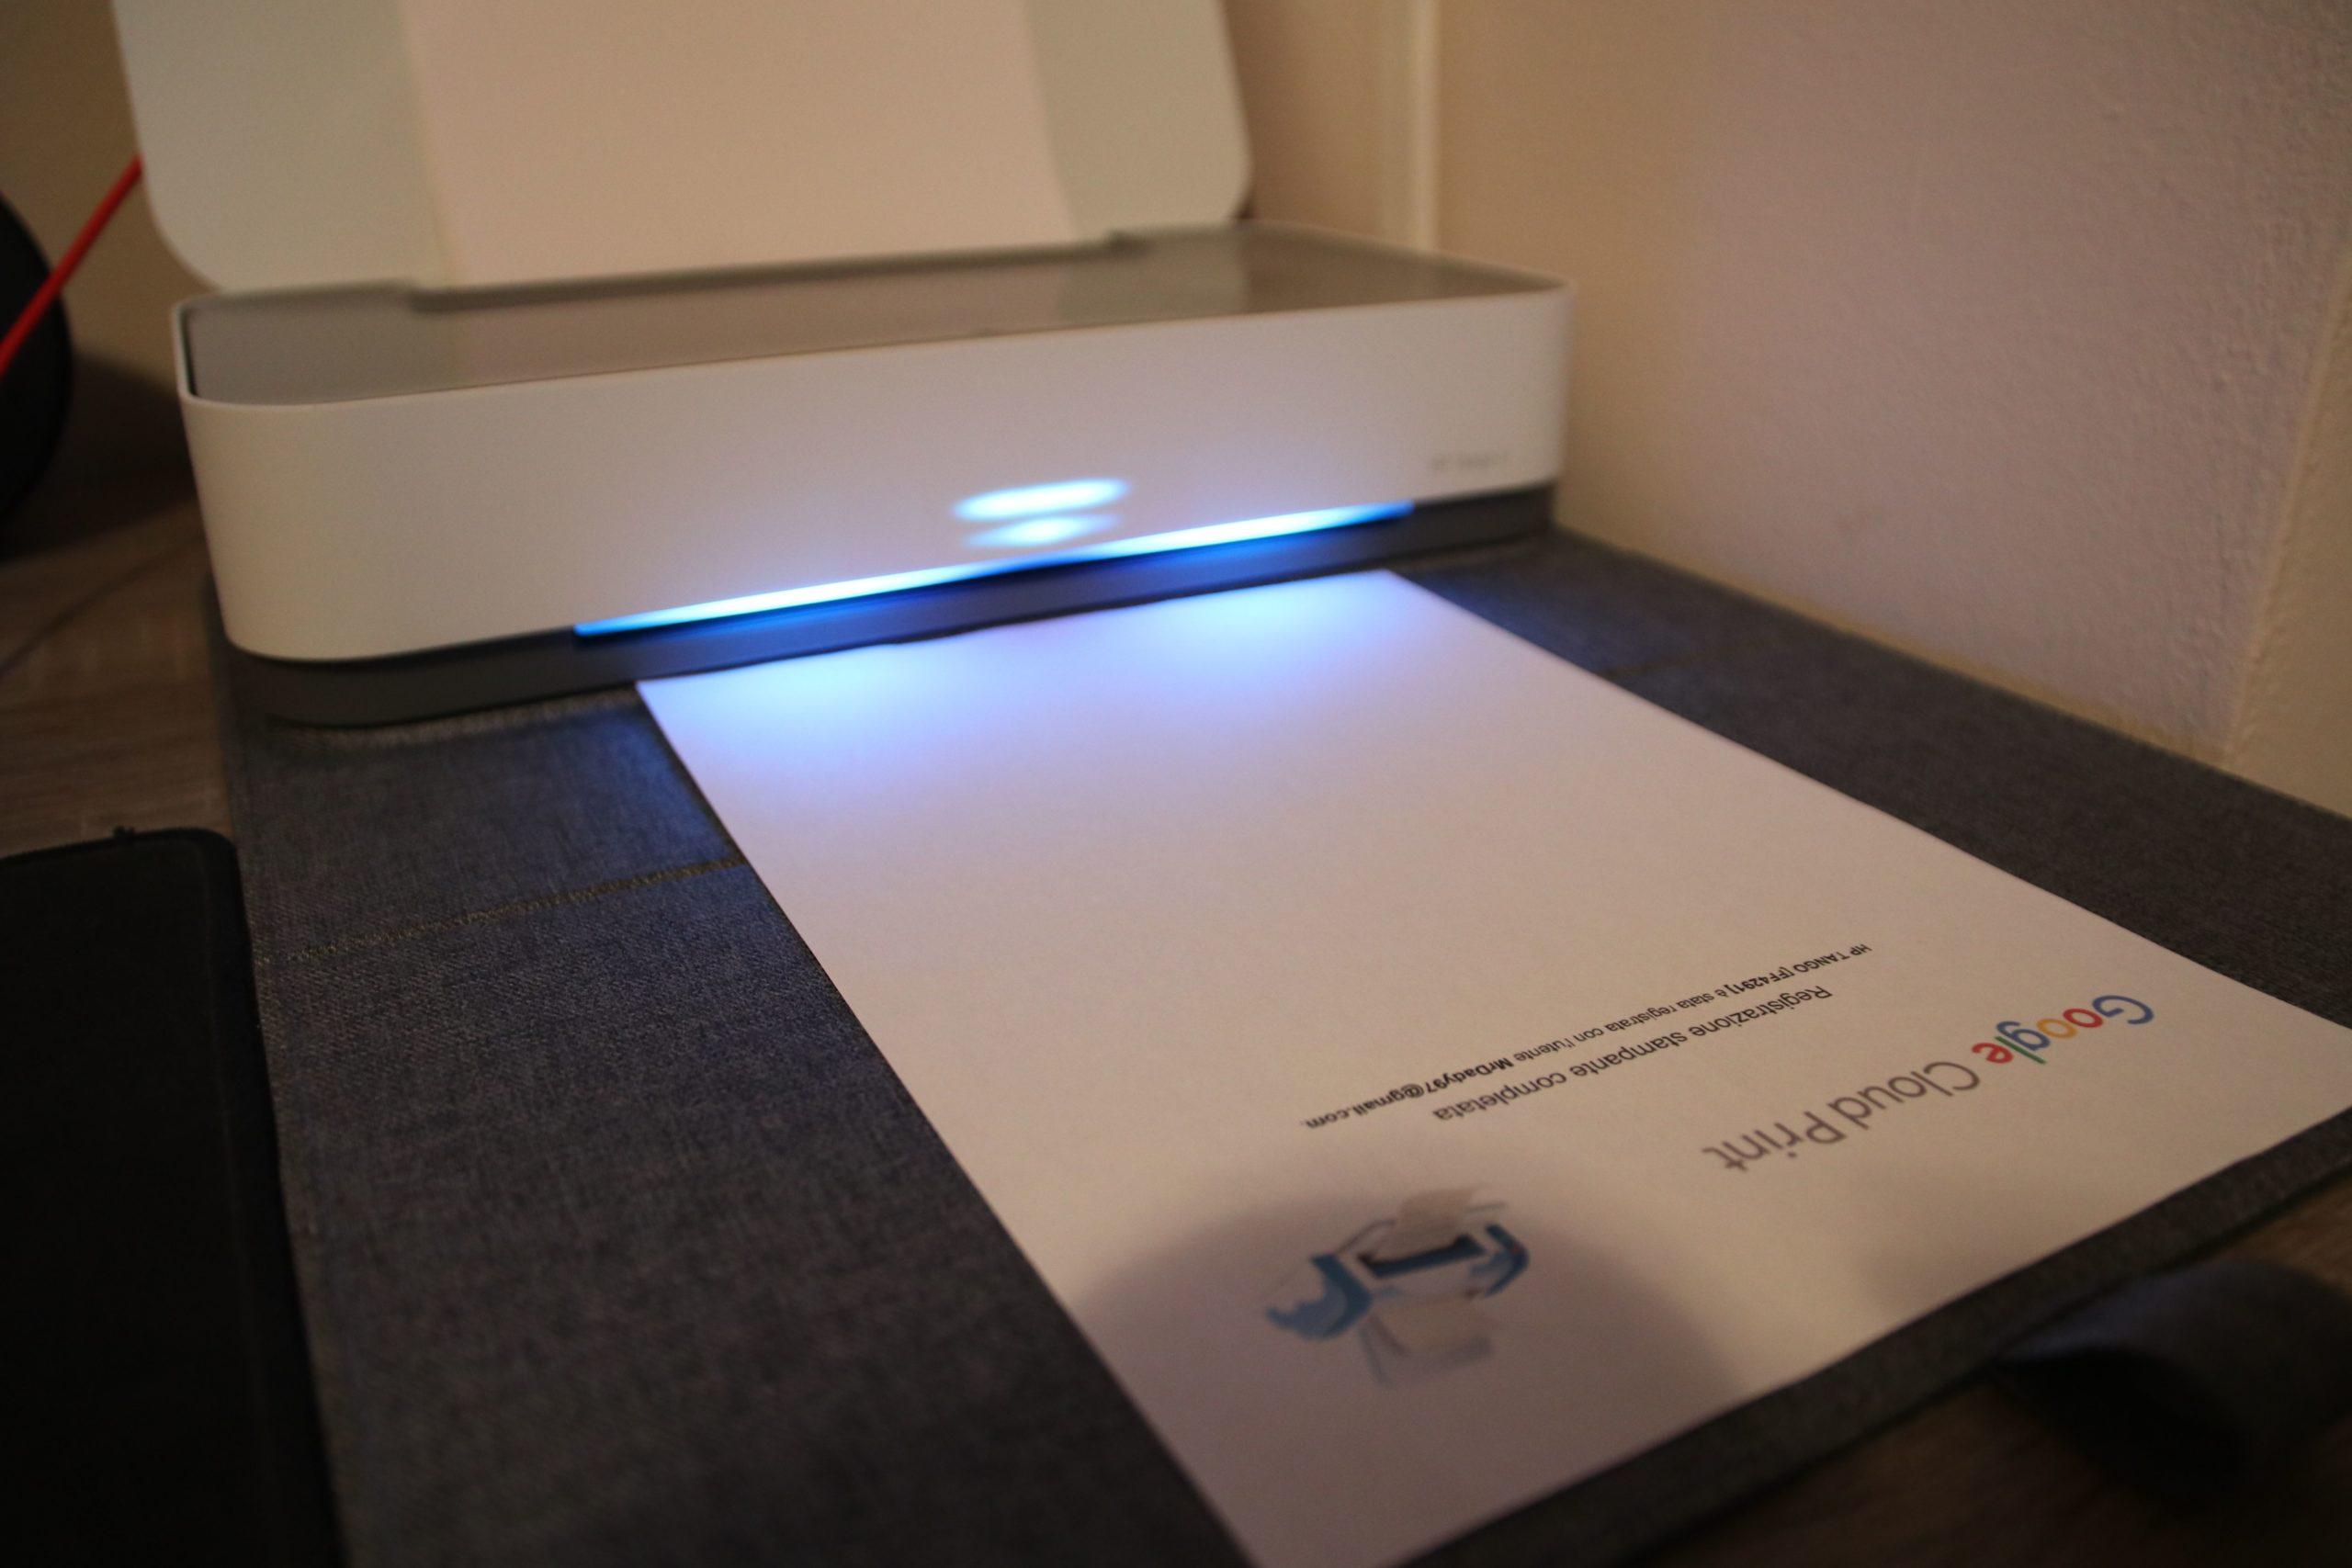 HP Tango X stampa un foglio